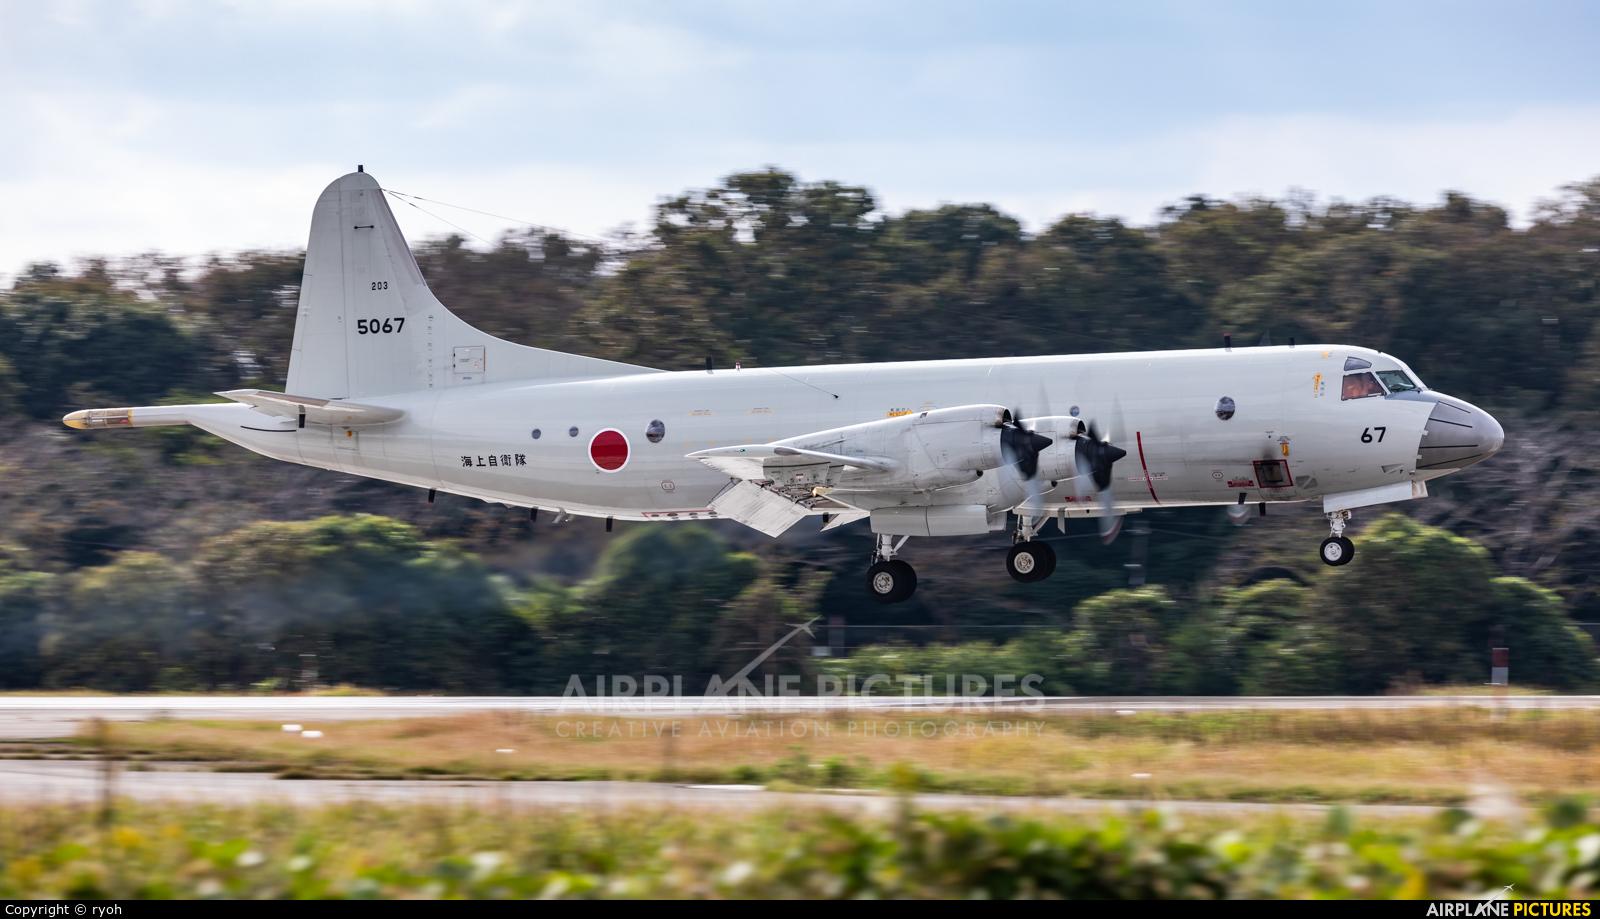 Japan - Maritime Self-Defense Force 5067 aircraft at Shimofusa AB